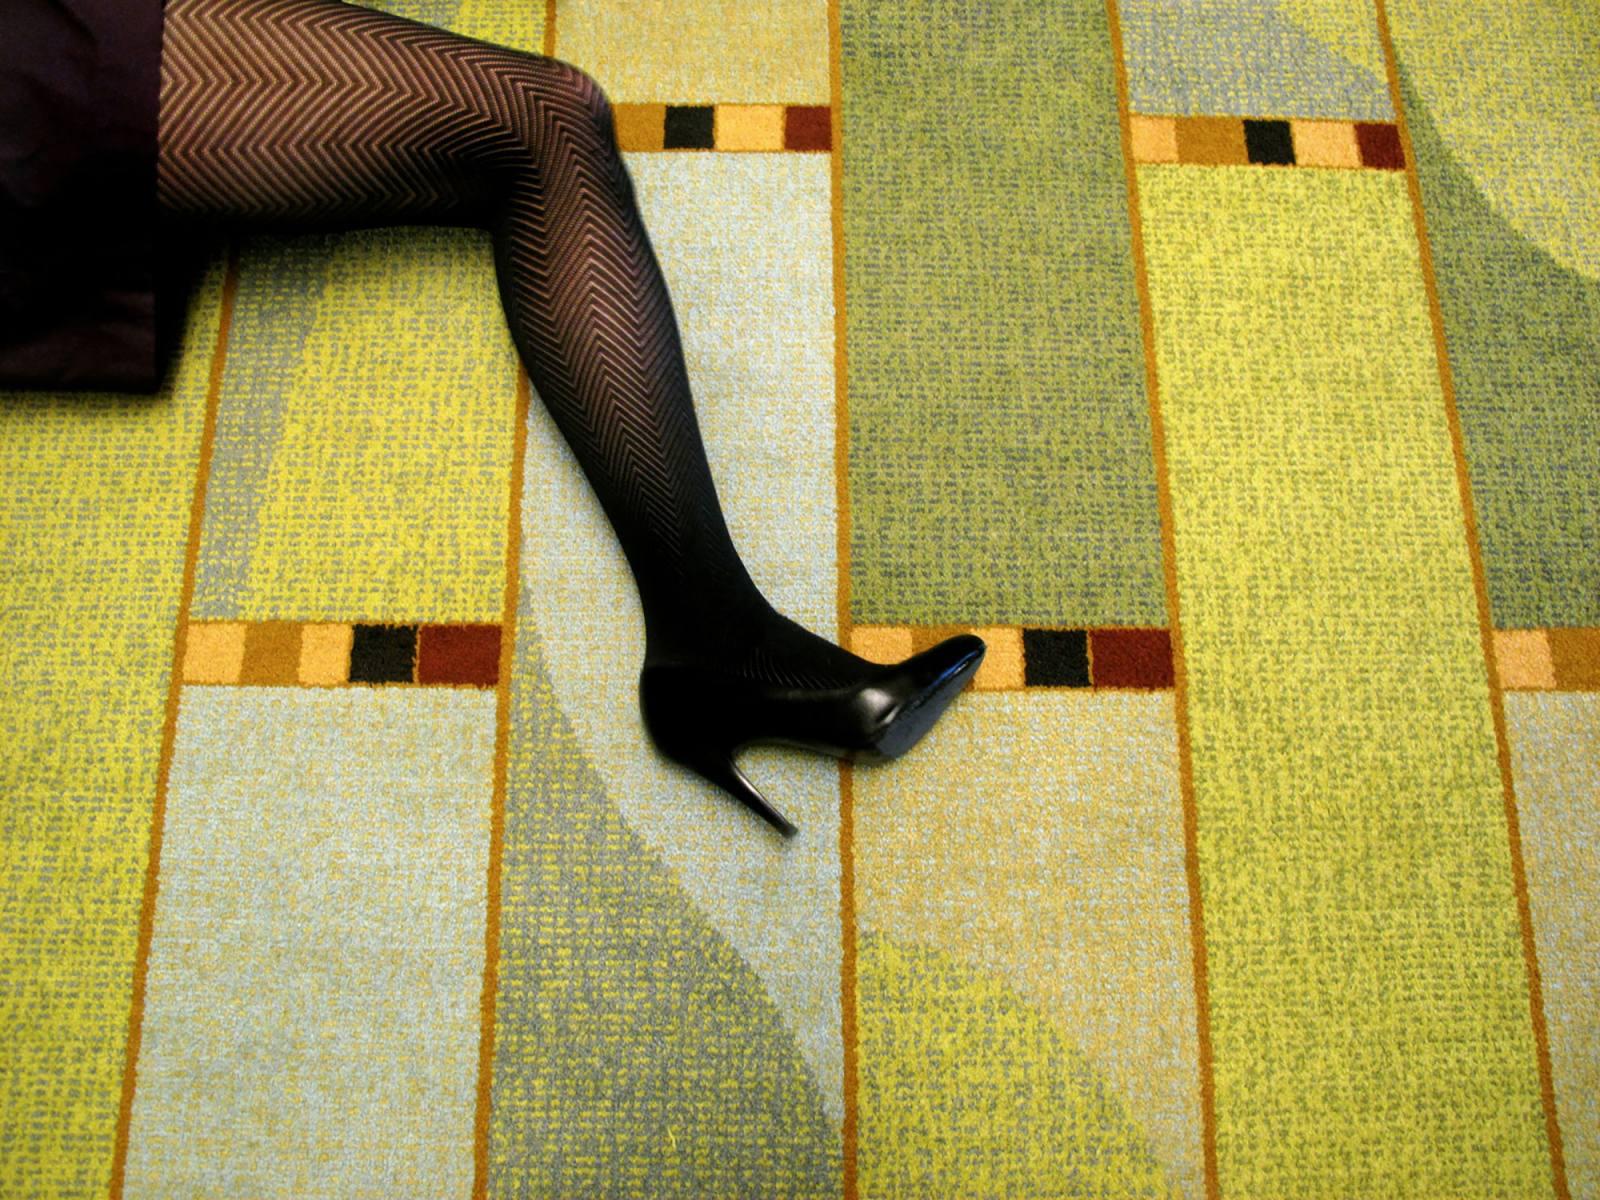 05-carpet2sm-copy